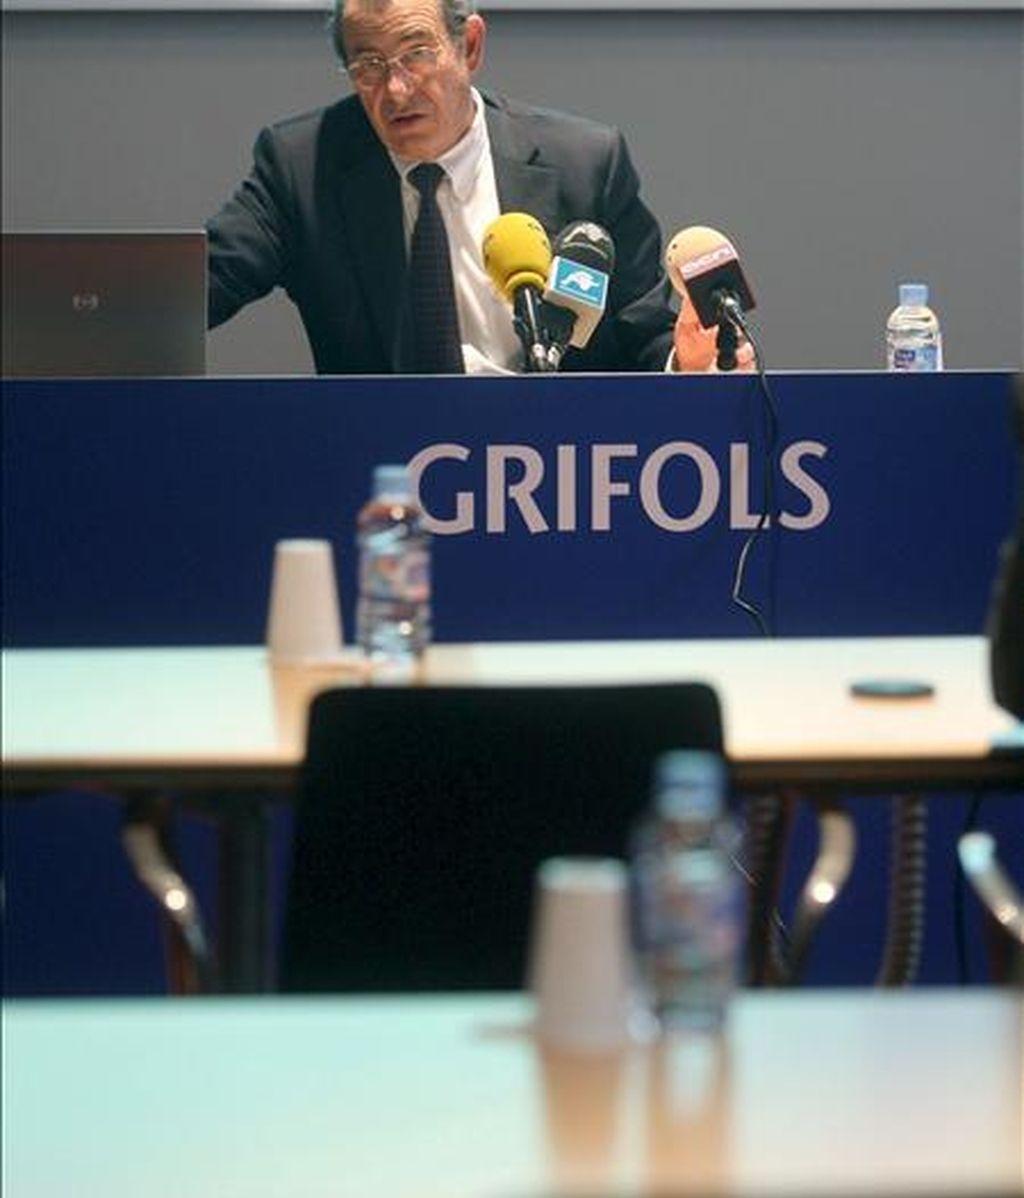 El presidente y consejero delegado de Grifols, Víctor Grifols, anunció en junio que Grifols asumirá una deuda financiera neta de 4.500 millones de dólares tras la compra de la empresa de hemoderivados estadounidense Talecris. EFE/Archivo